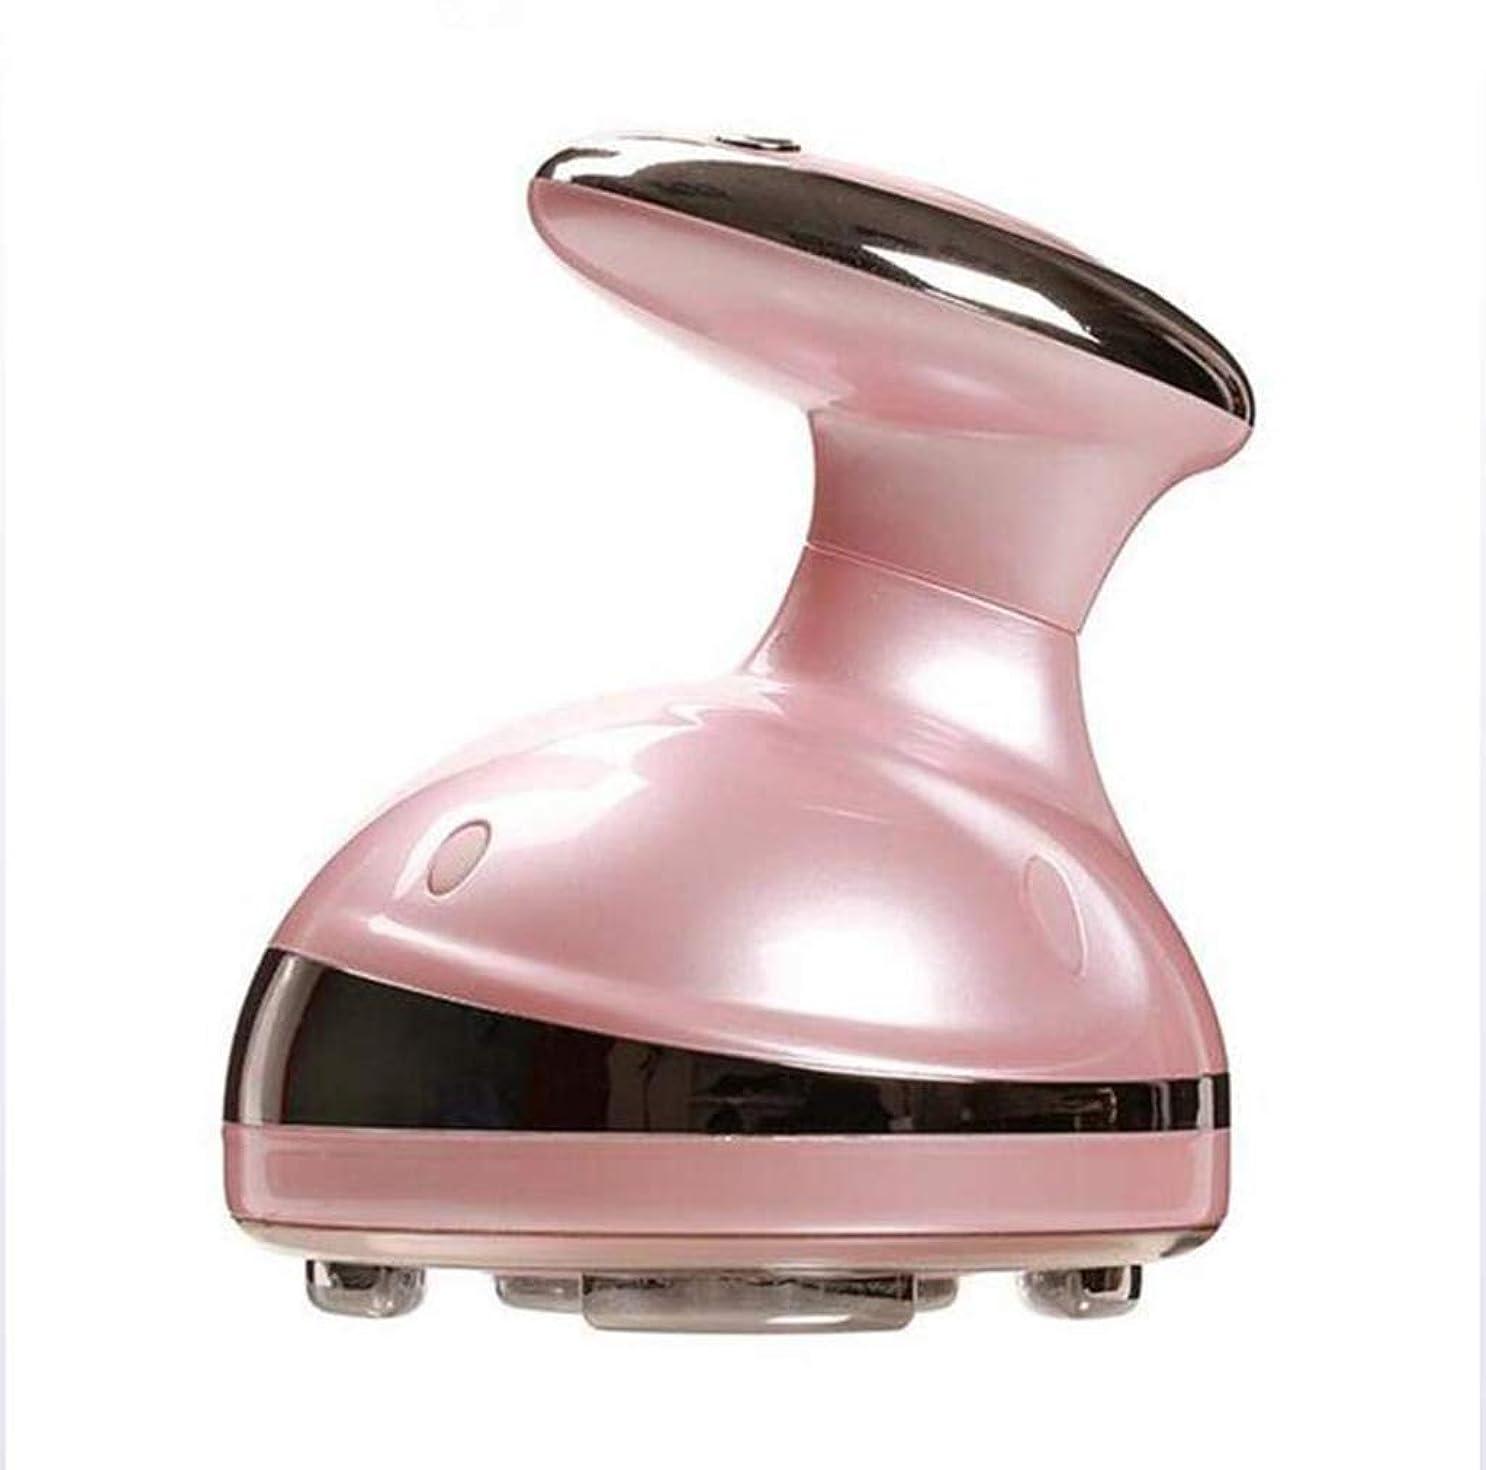 損失契約する方向ポータブルスリミングマッサージャー、除去脂肪高周波振動体彫刻肌美容機器、ピンク